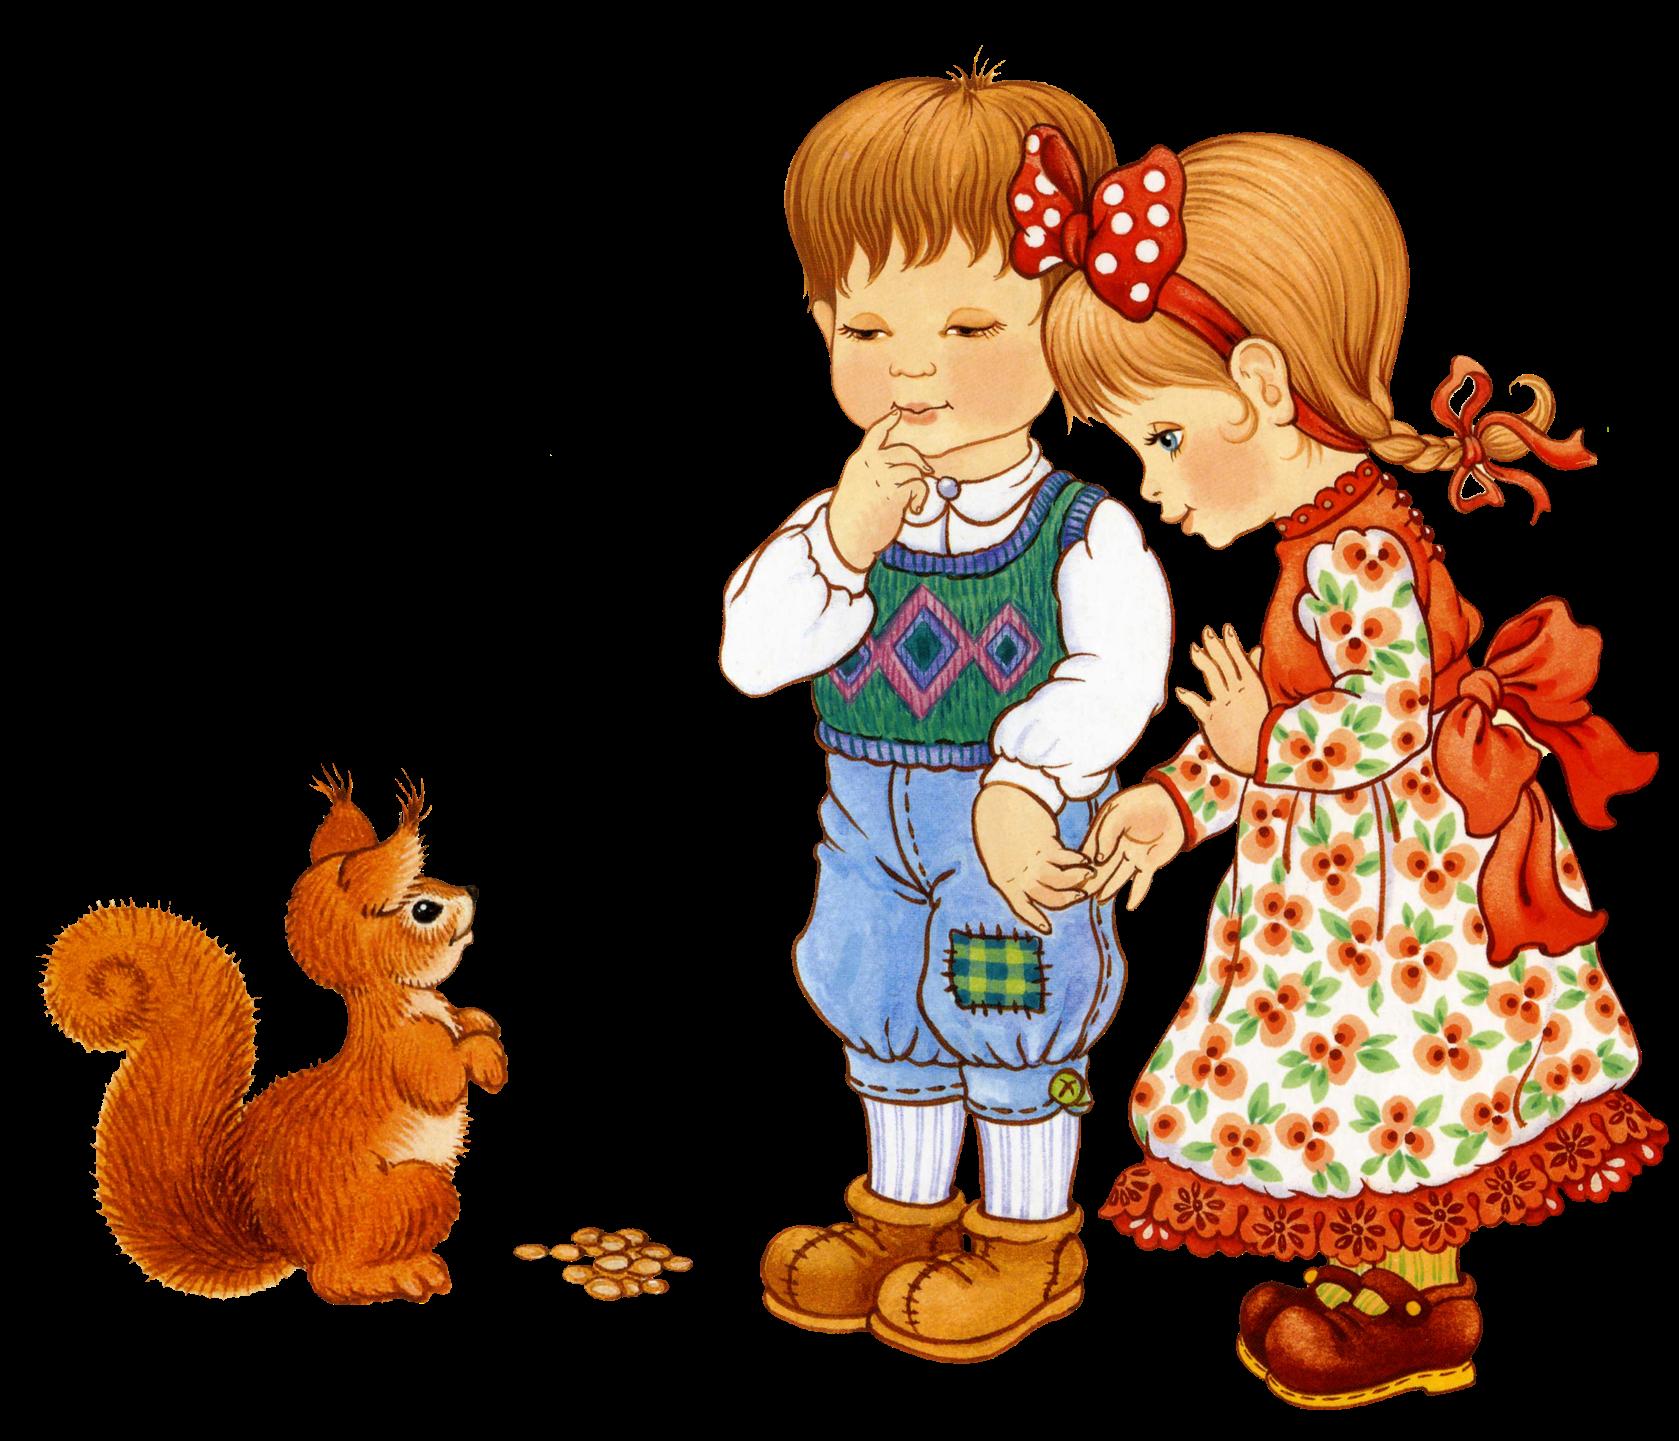 Картинки на тему девочки и мальчики для дошкольников, гифы доброе утро